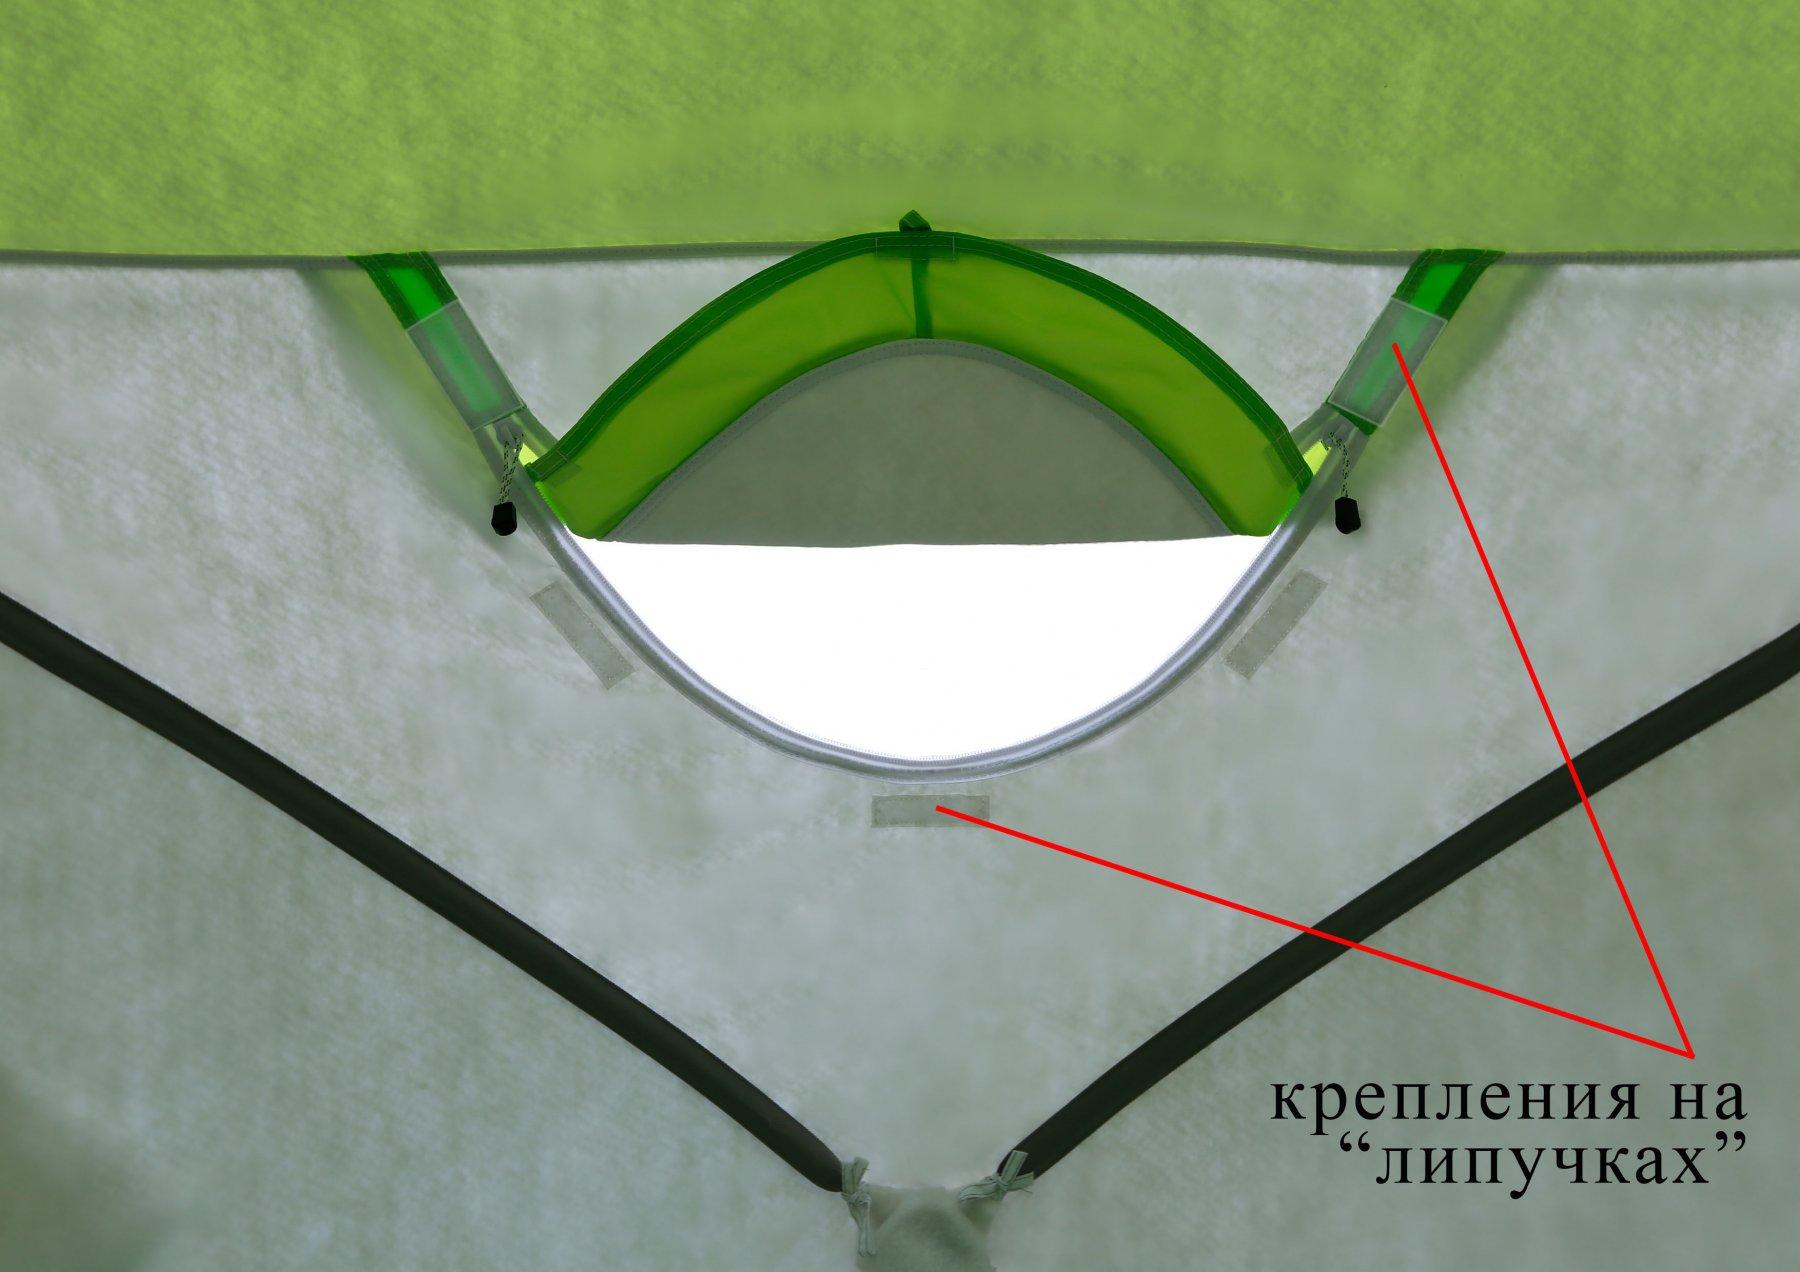 Утепленная палатка ЛОТОС Куб 4 Компакт Термо (лонг) с системой компактного сложения (вид изнутри, окошко)